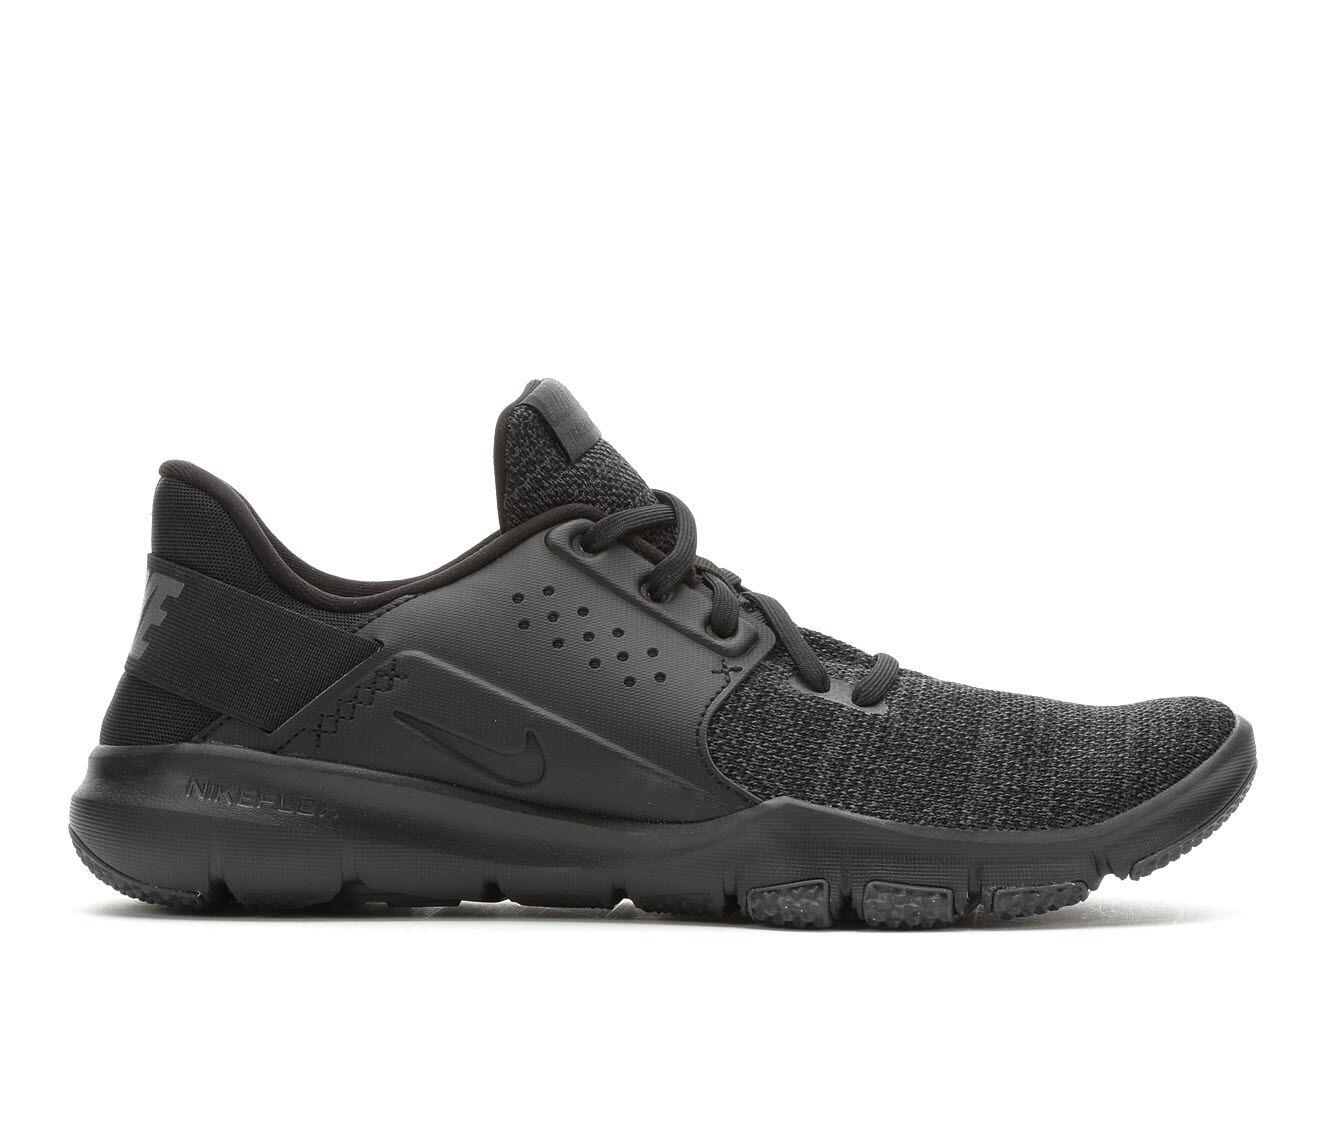 Men's Nike Flex Control TR3 Training Shoes Blk/Blk/Wht